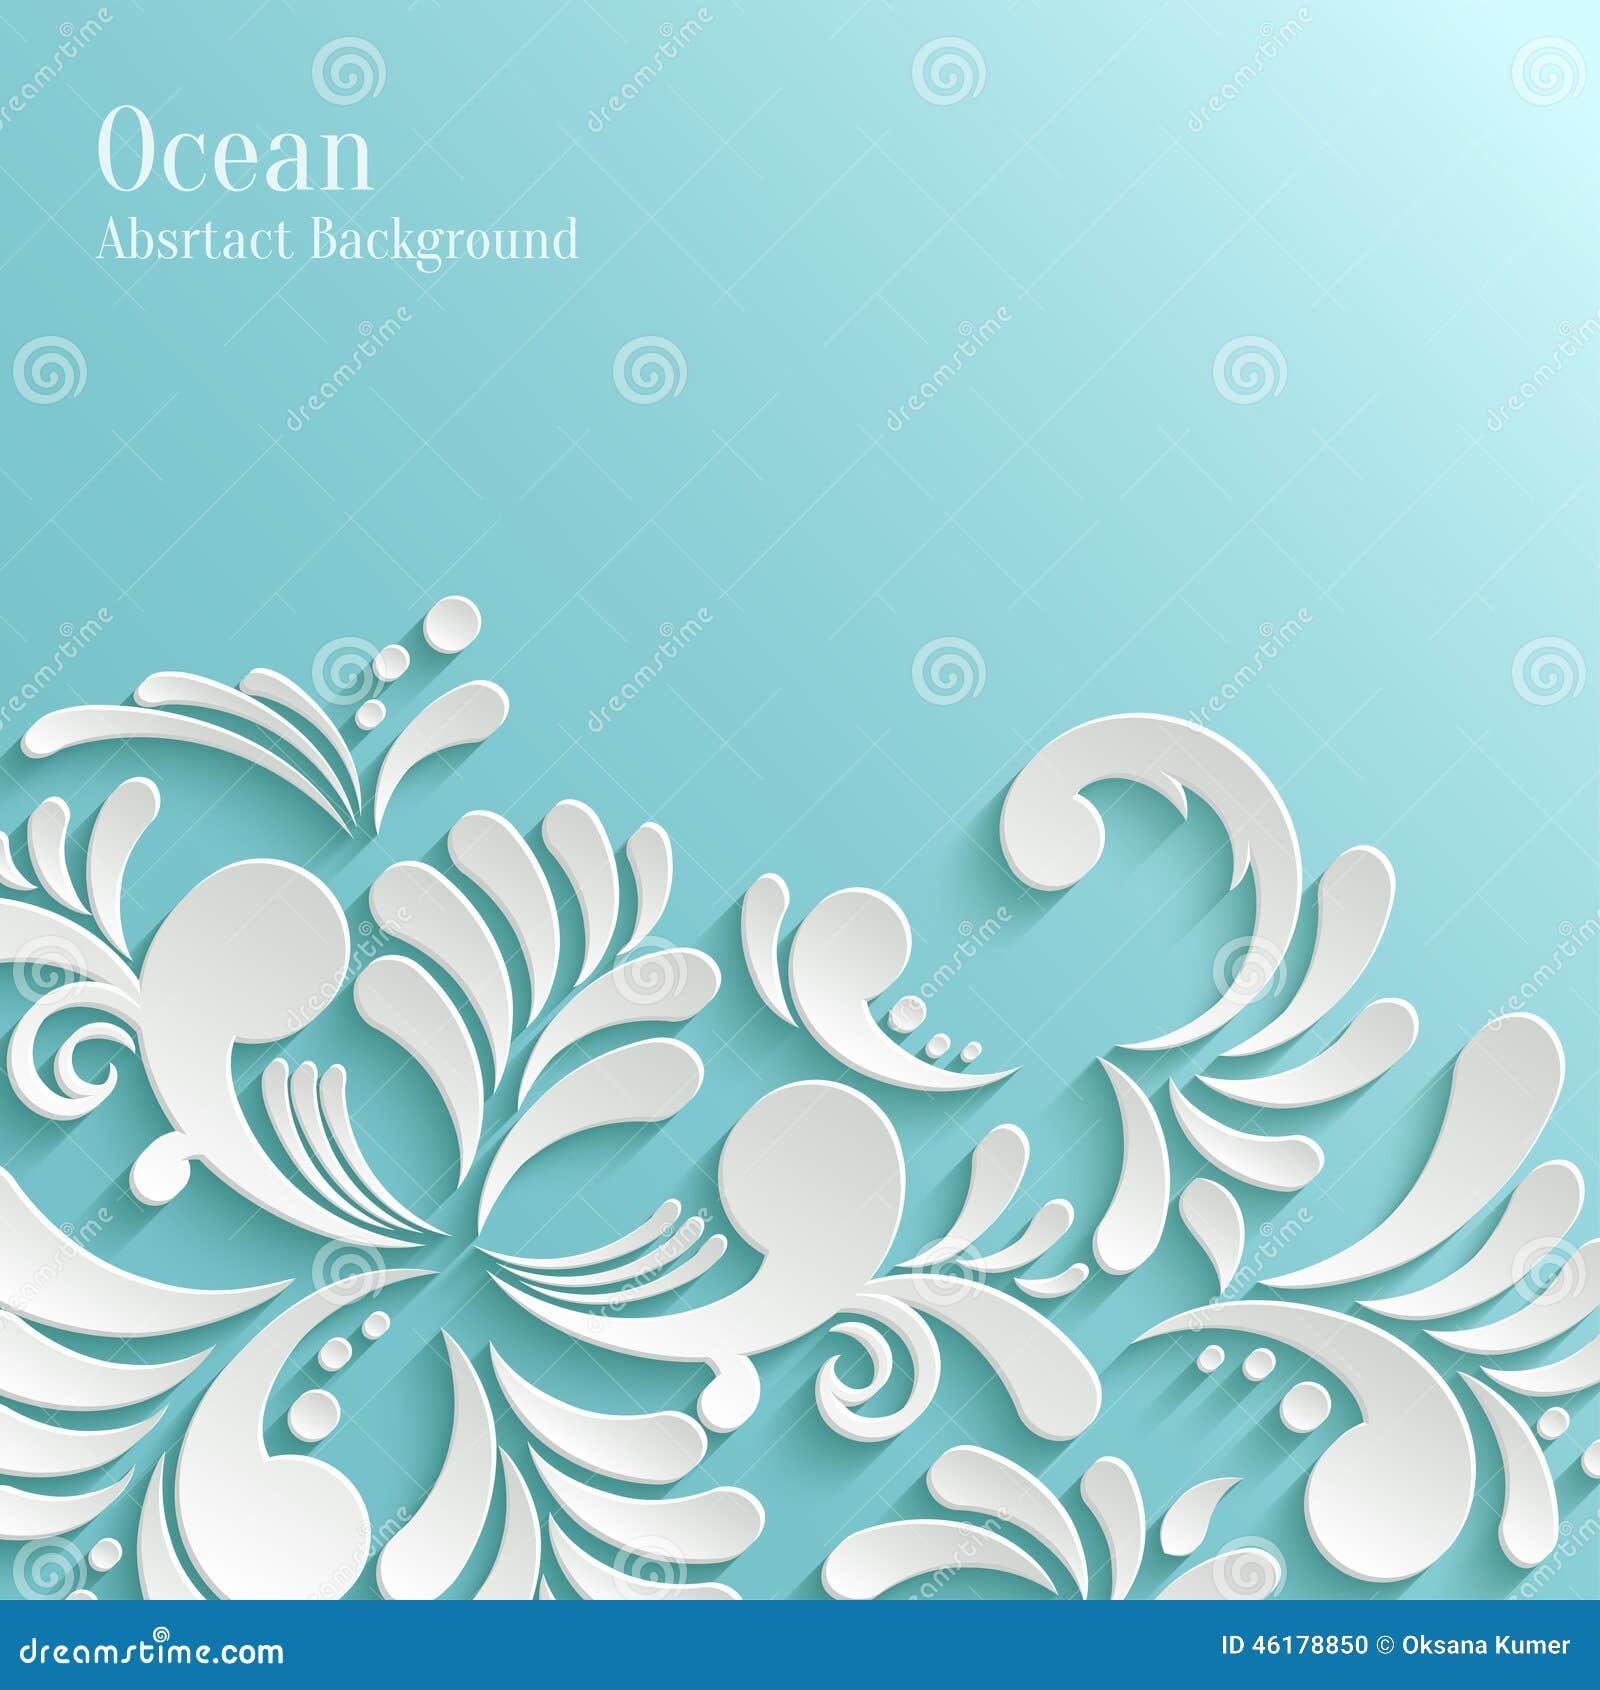 Fondo abstracto del océano con el estampado de flores 3d